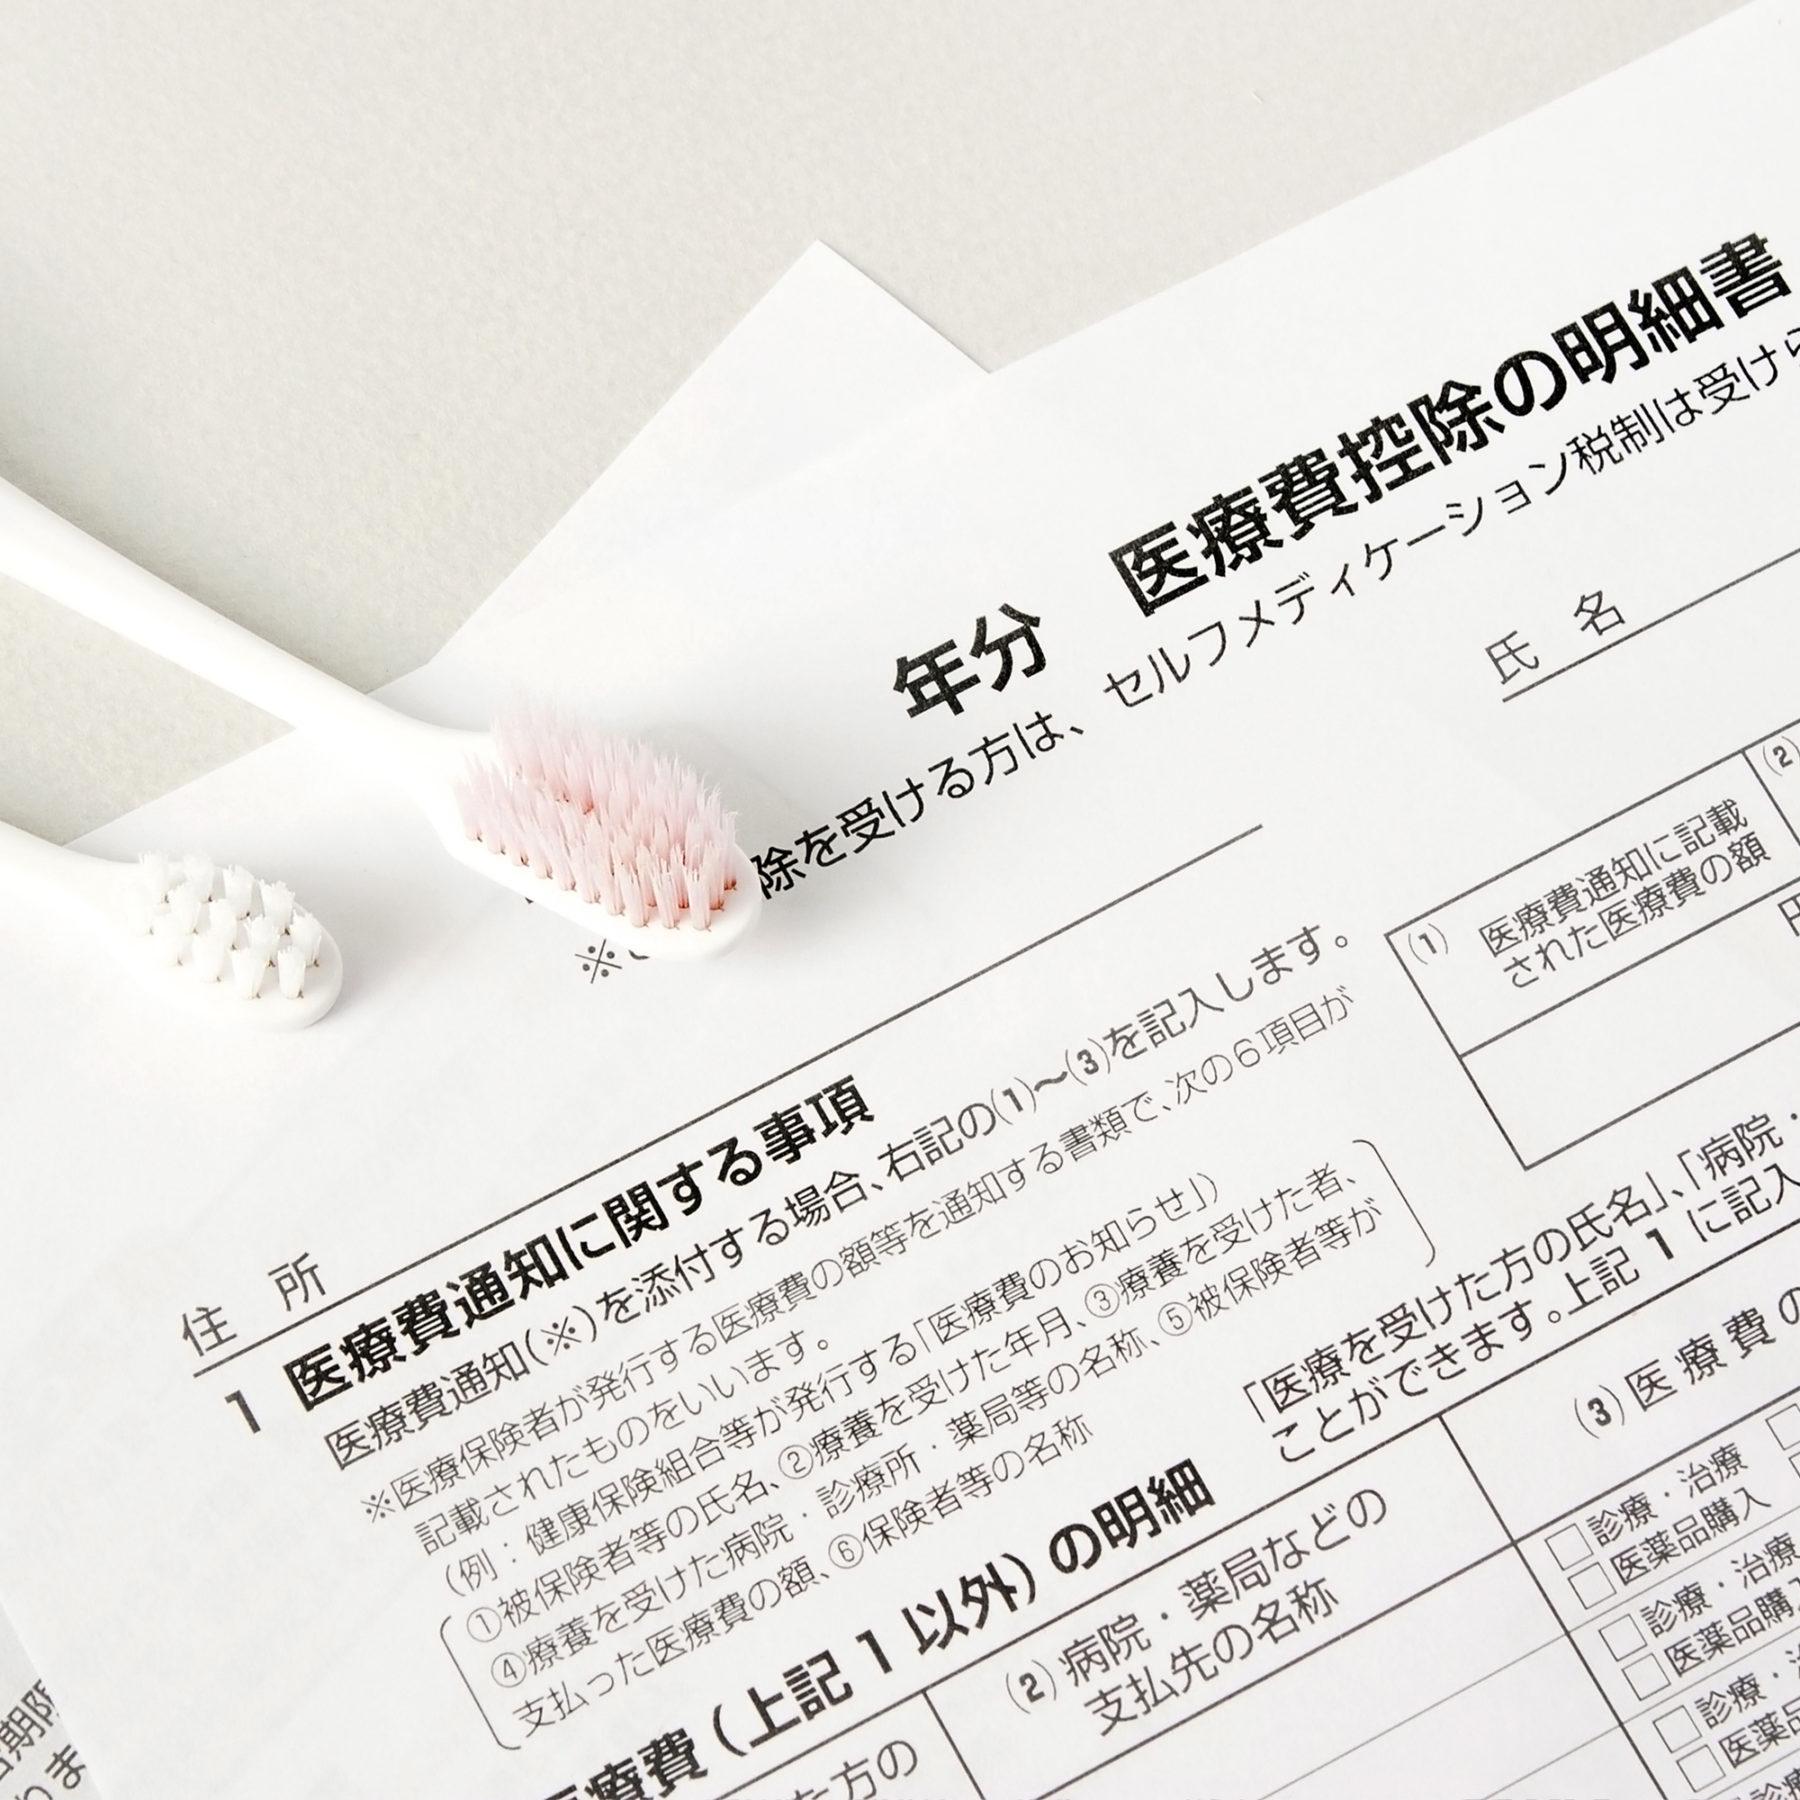 書類 確定 必要 控除 医療 申告 費